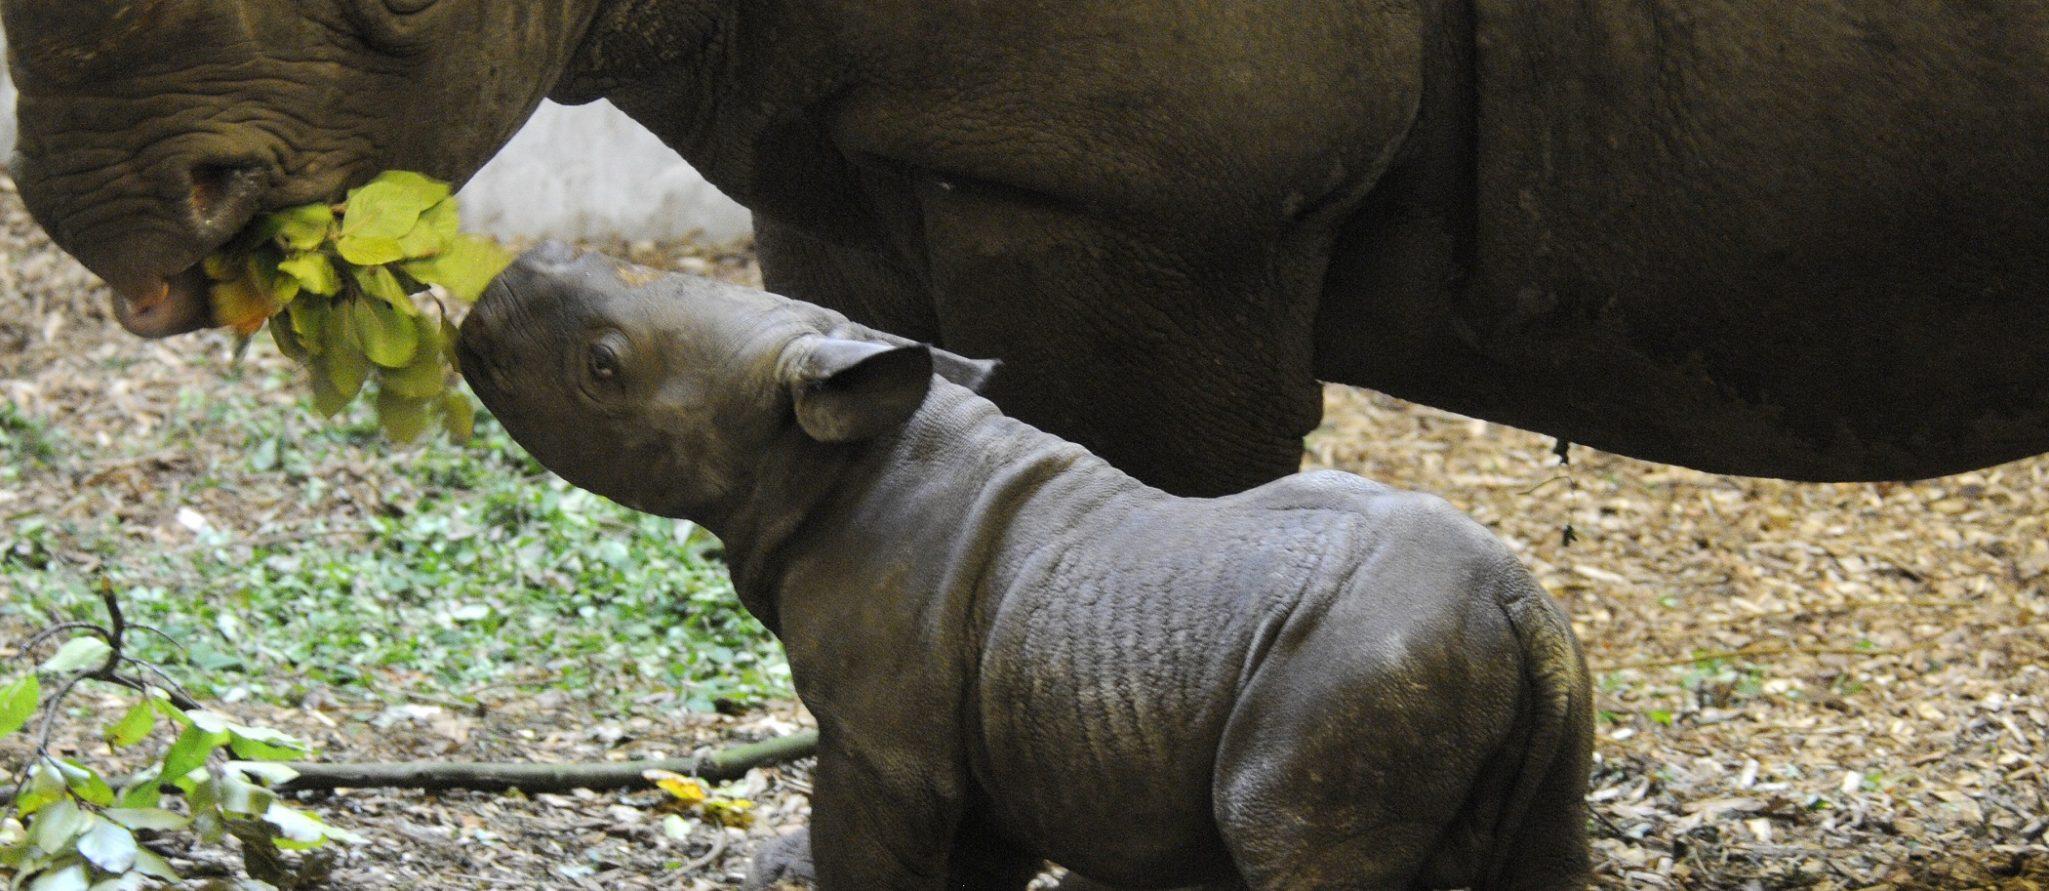 pasgeboren zwarte neushoorn snuffelt aan blaadje van moeder Naima